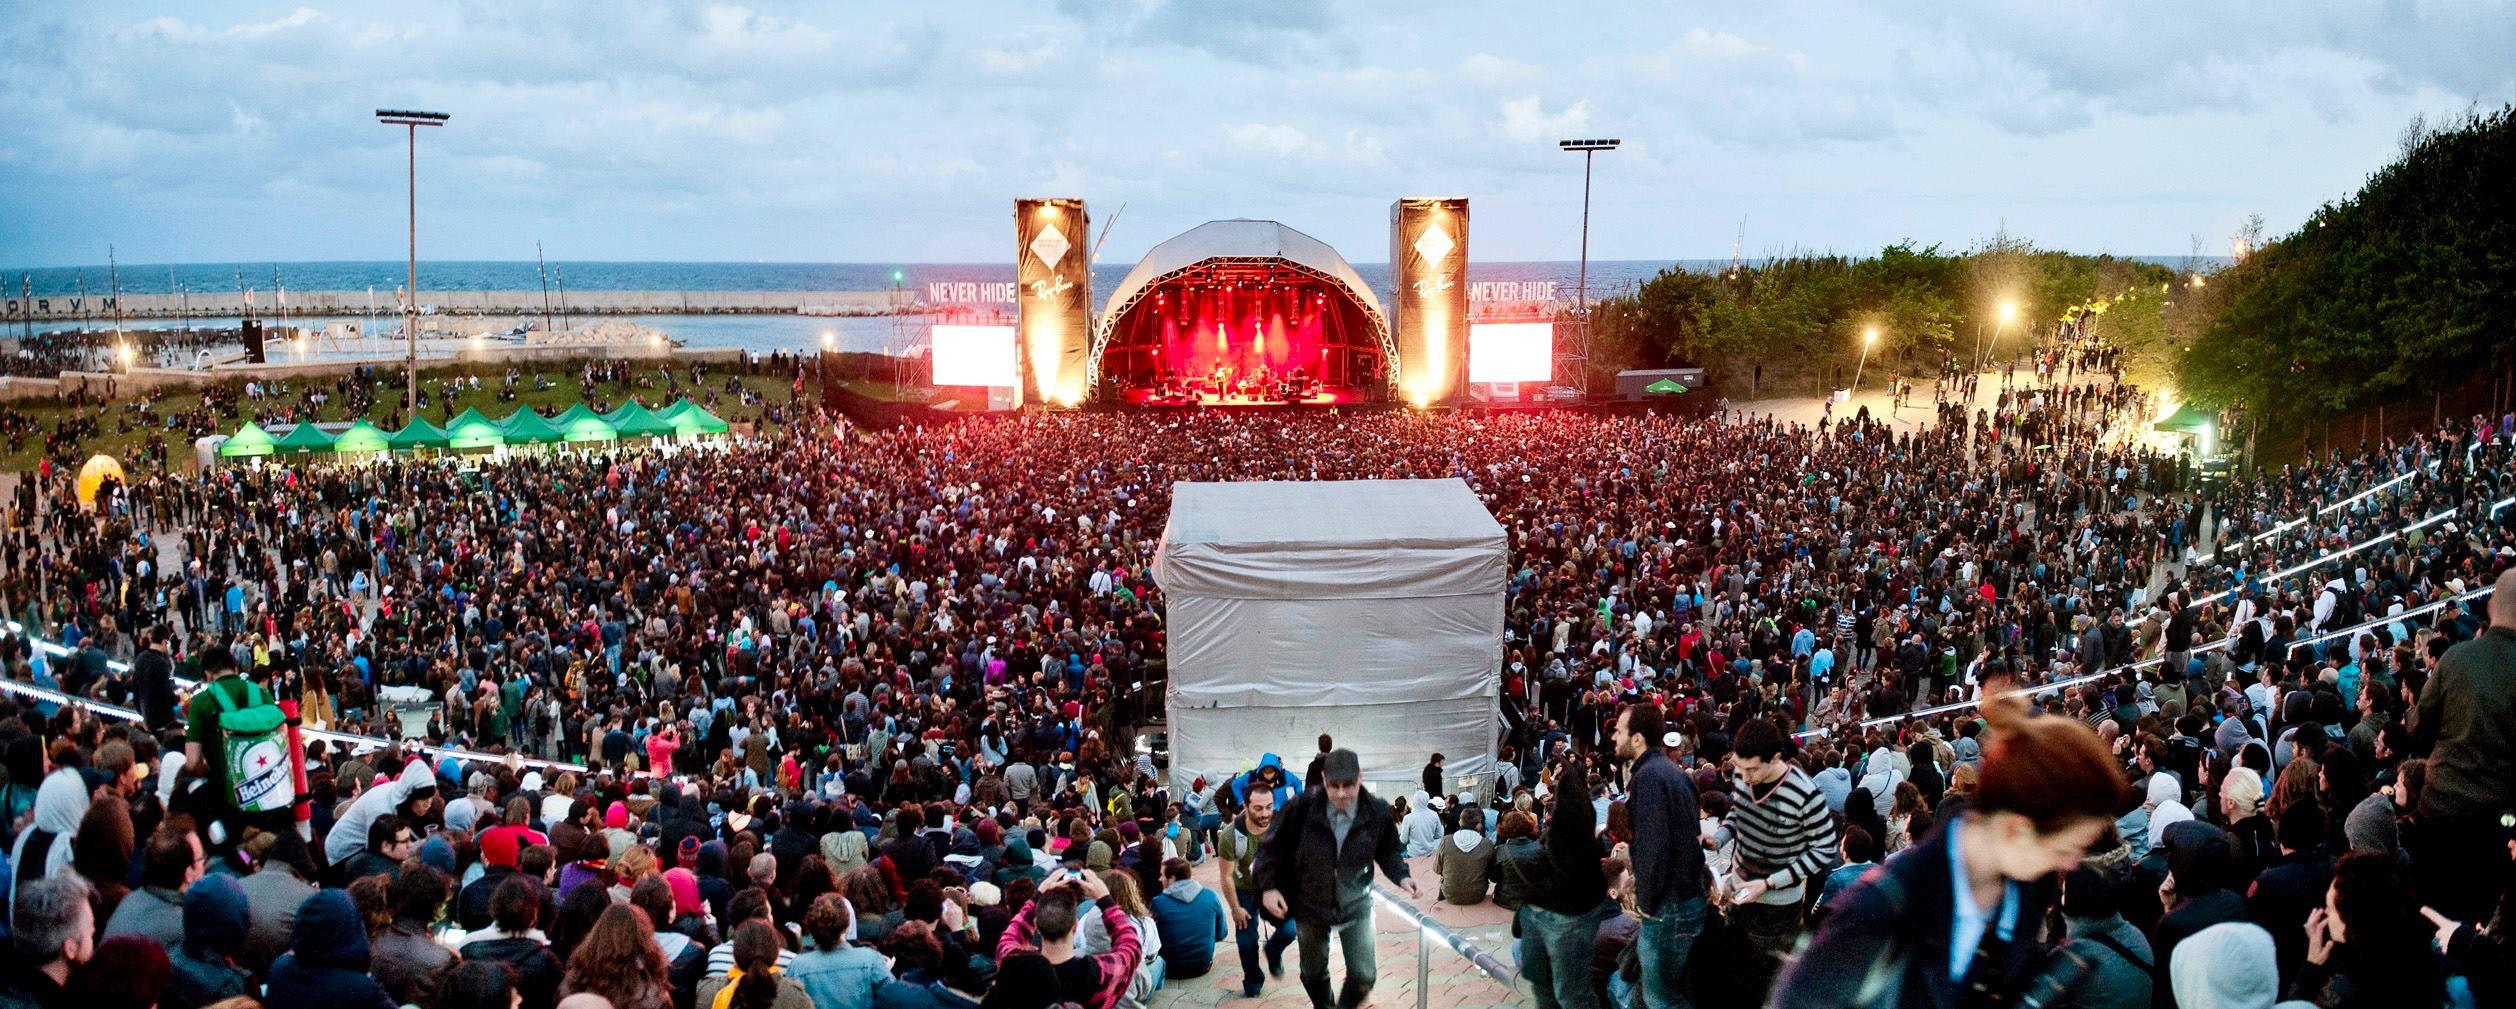 Festival-ing in Barcelona